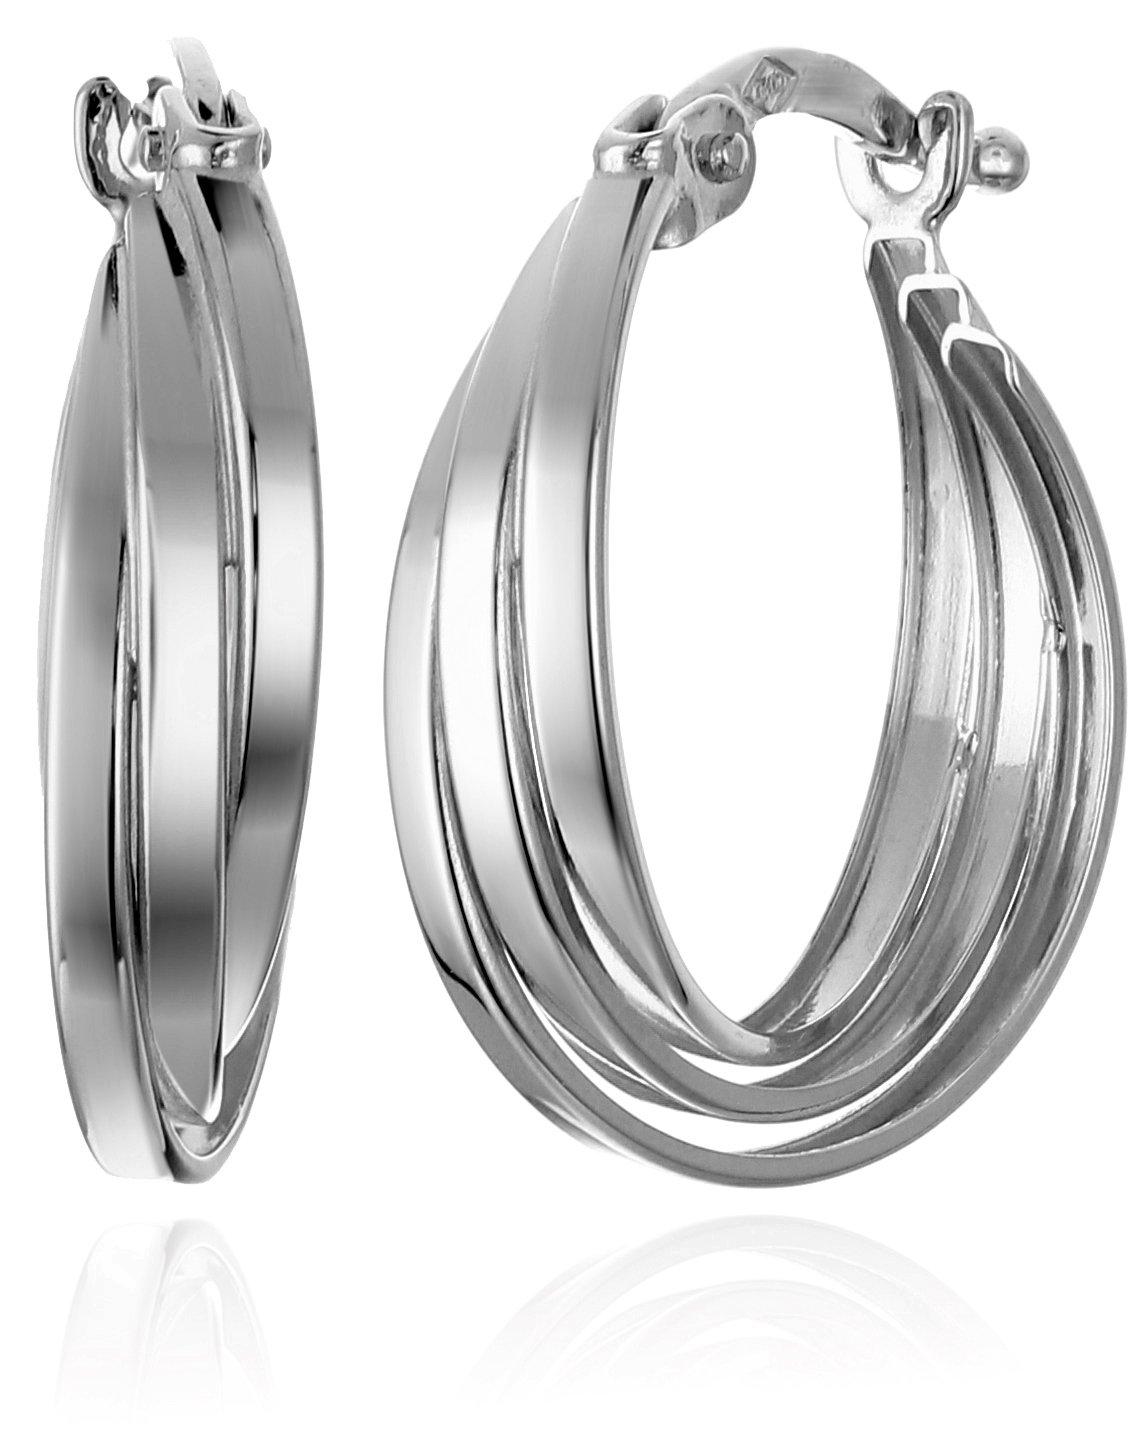 14k White Gold Overlap Hoop Earrings